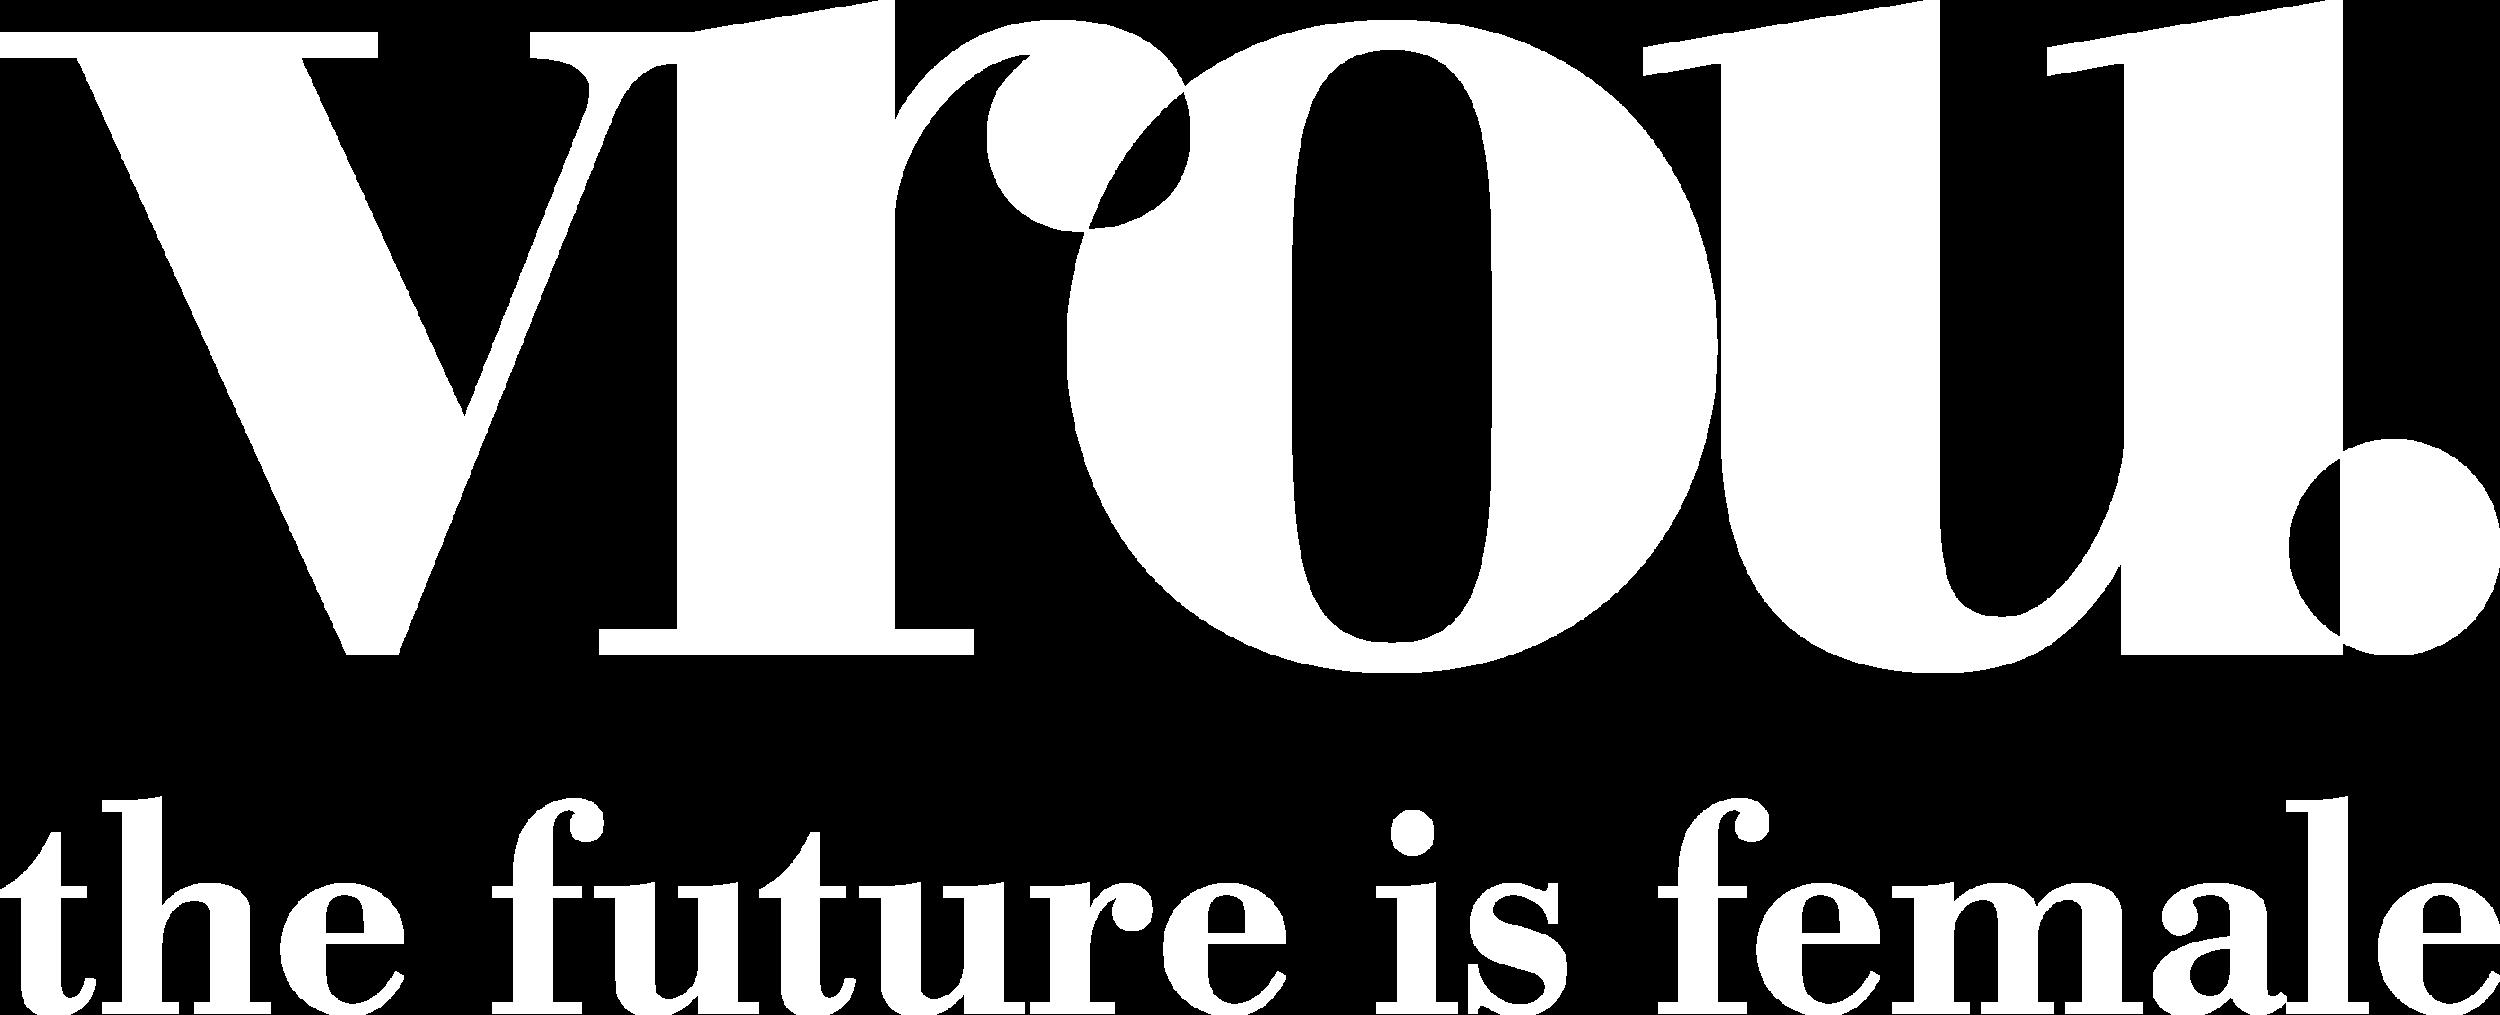 Vrou logo wit met slogan.png